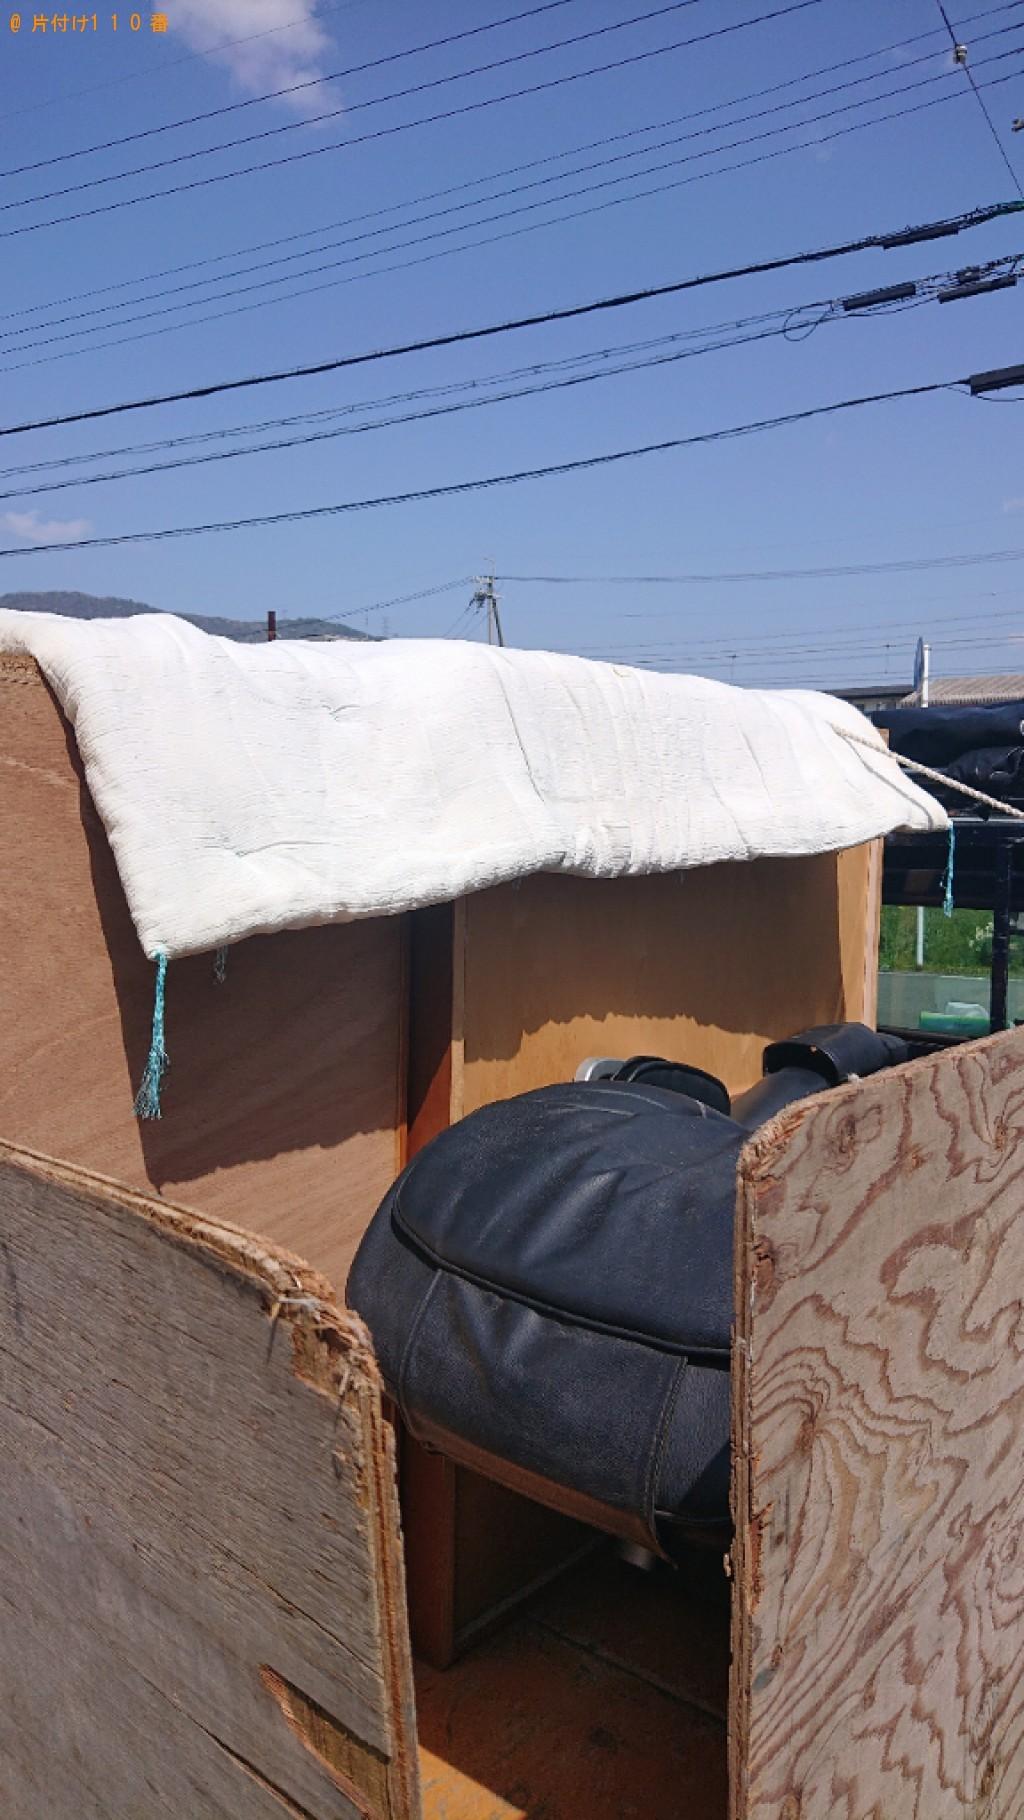 【大飯郡おおい町】マッサージチェア、タンスの回収・処分ご依頼